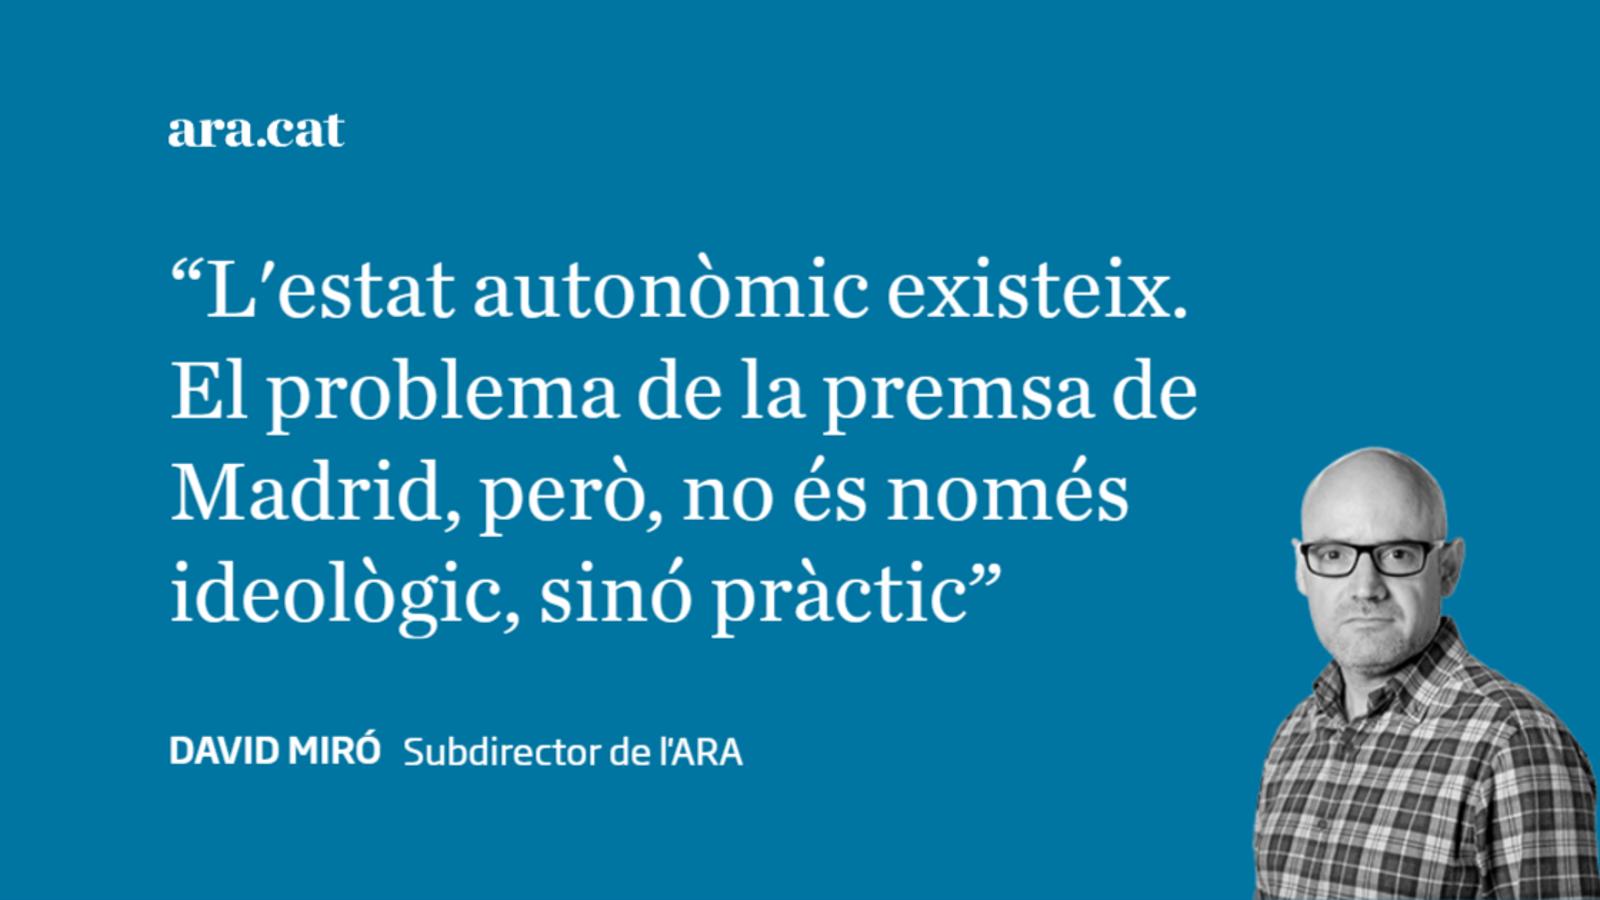 La premsa de Madrid ignora l'estat autonòmic